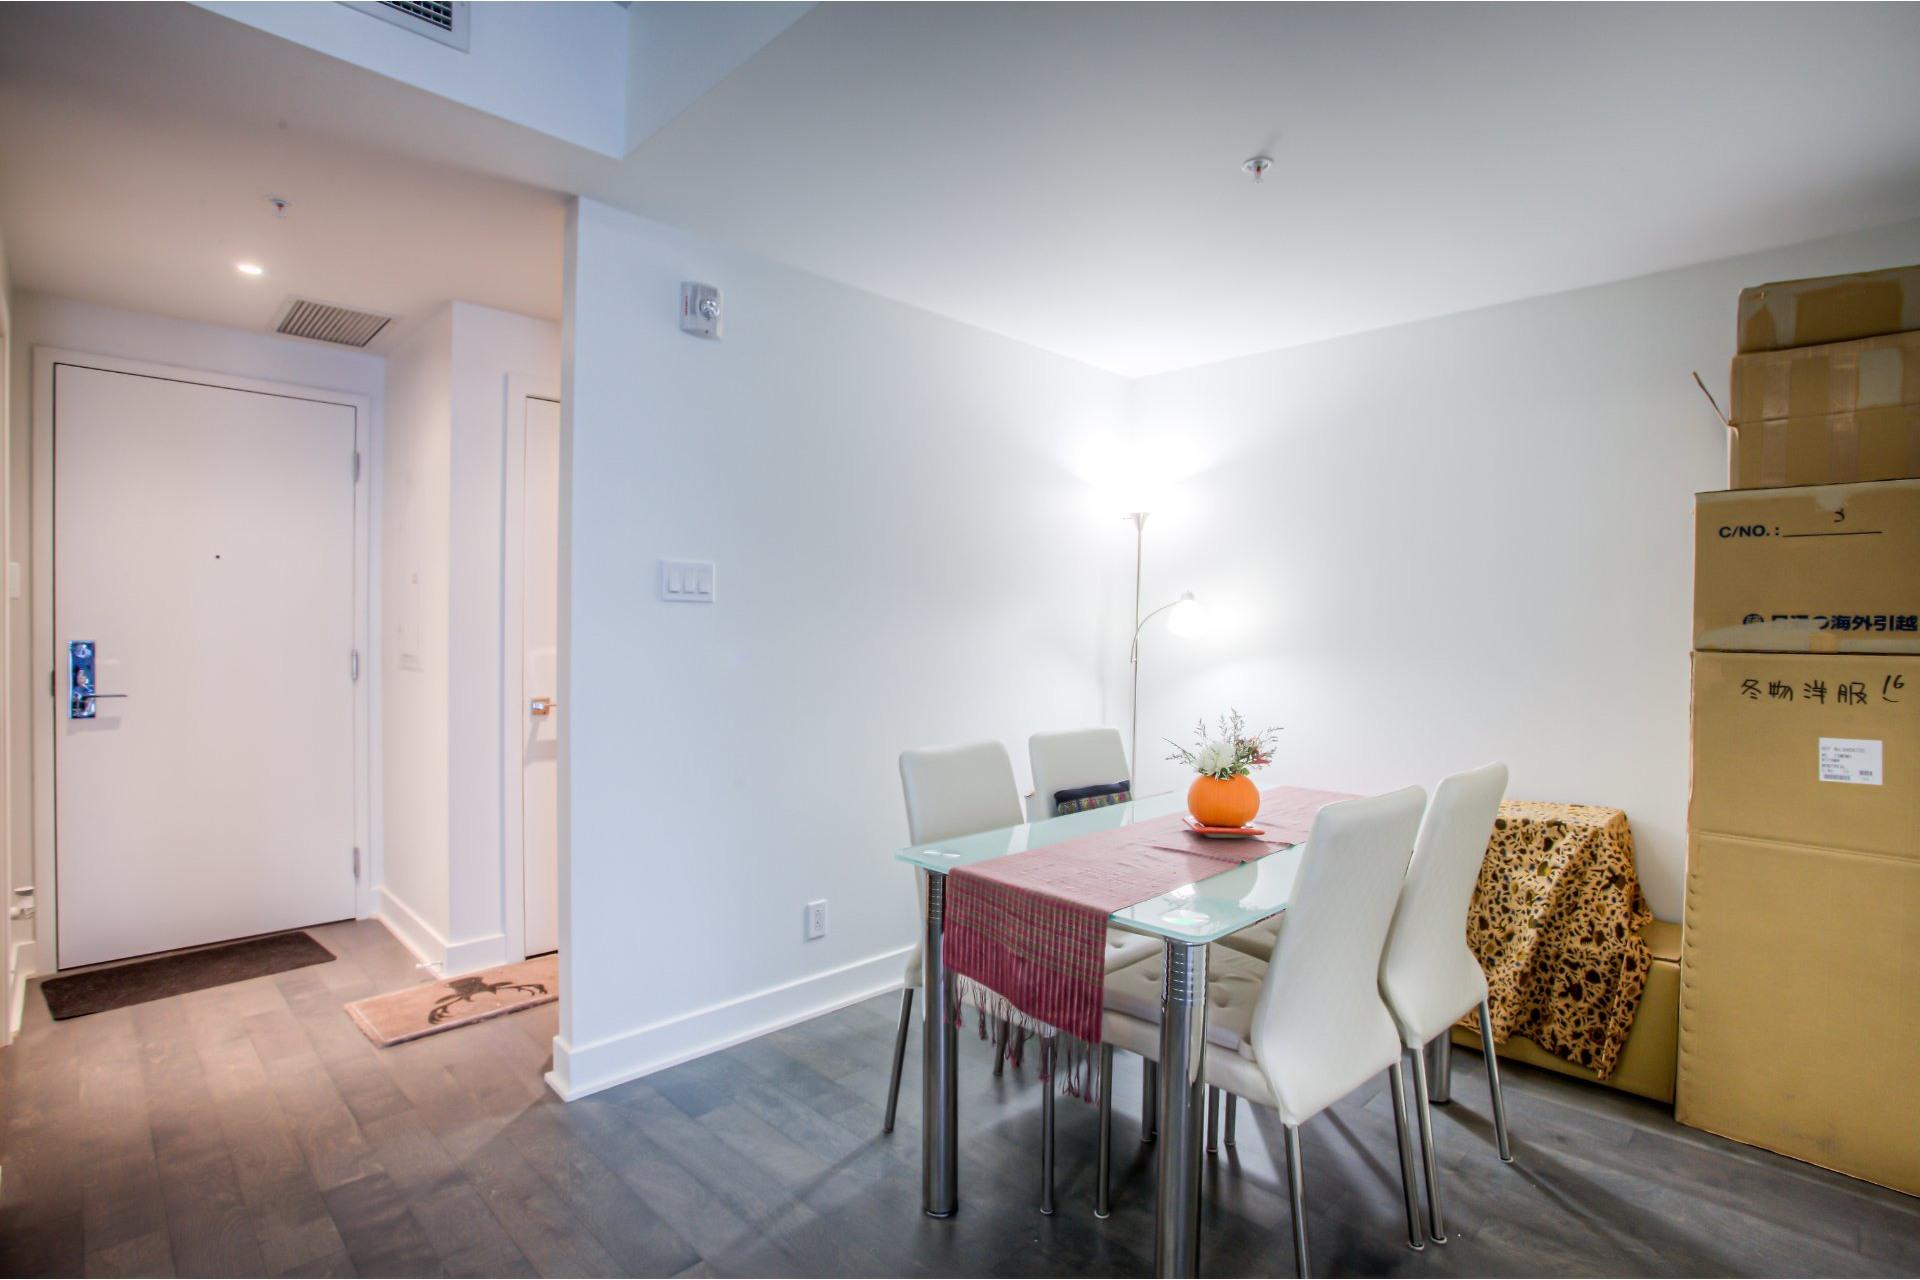 image 13 - Appartement À louer Ville-Marie Montréal  - 5 pièces